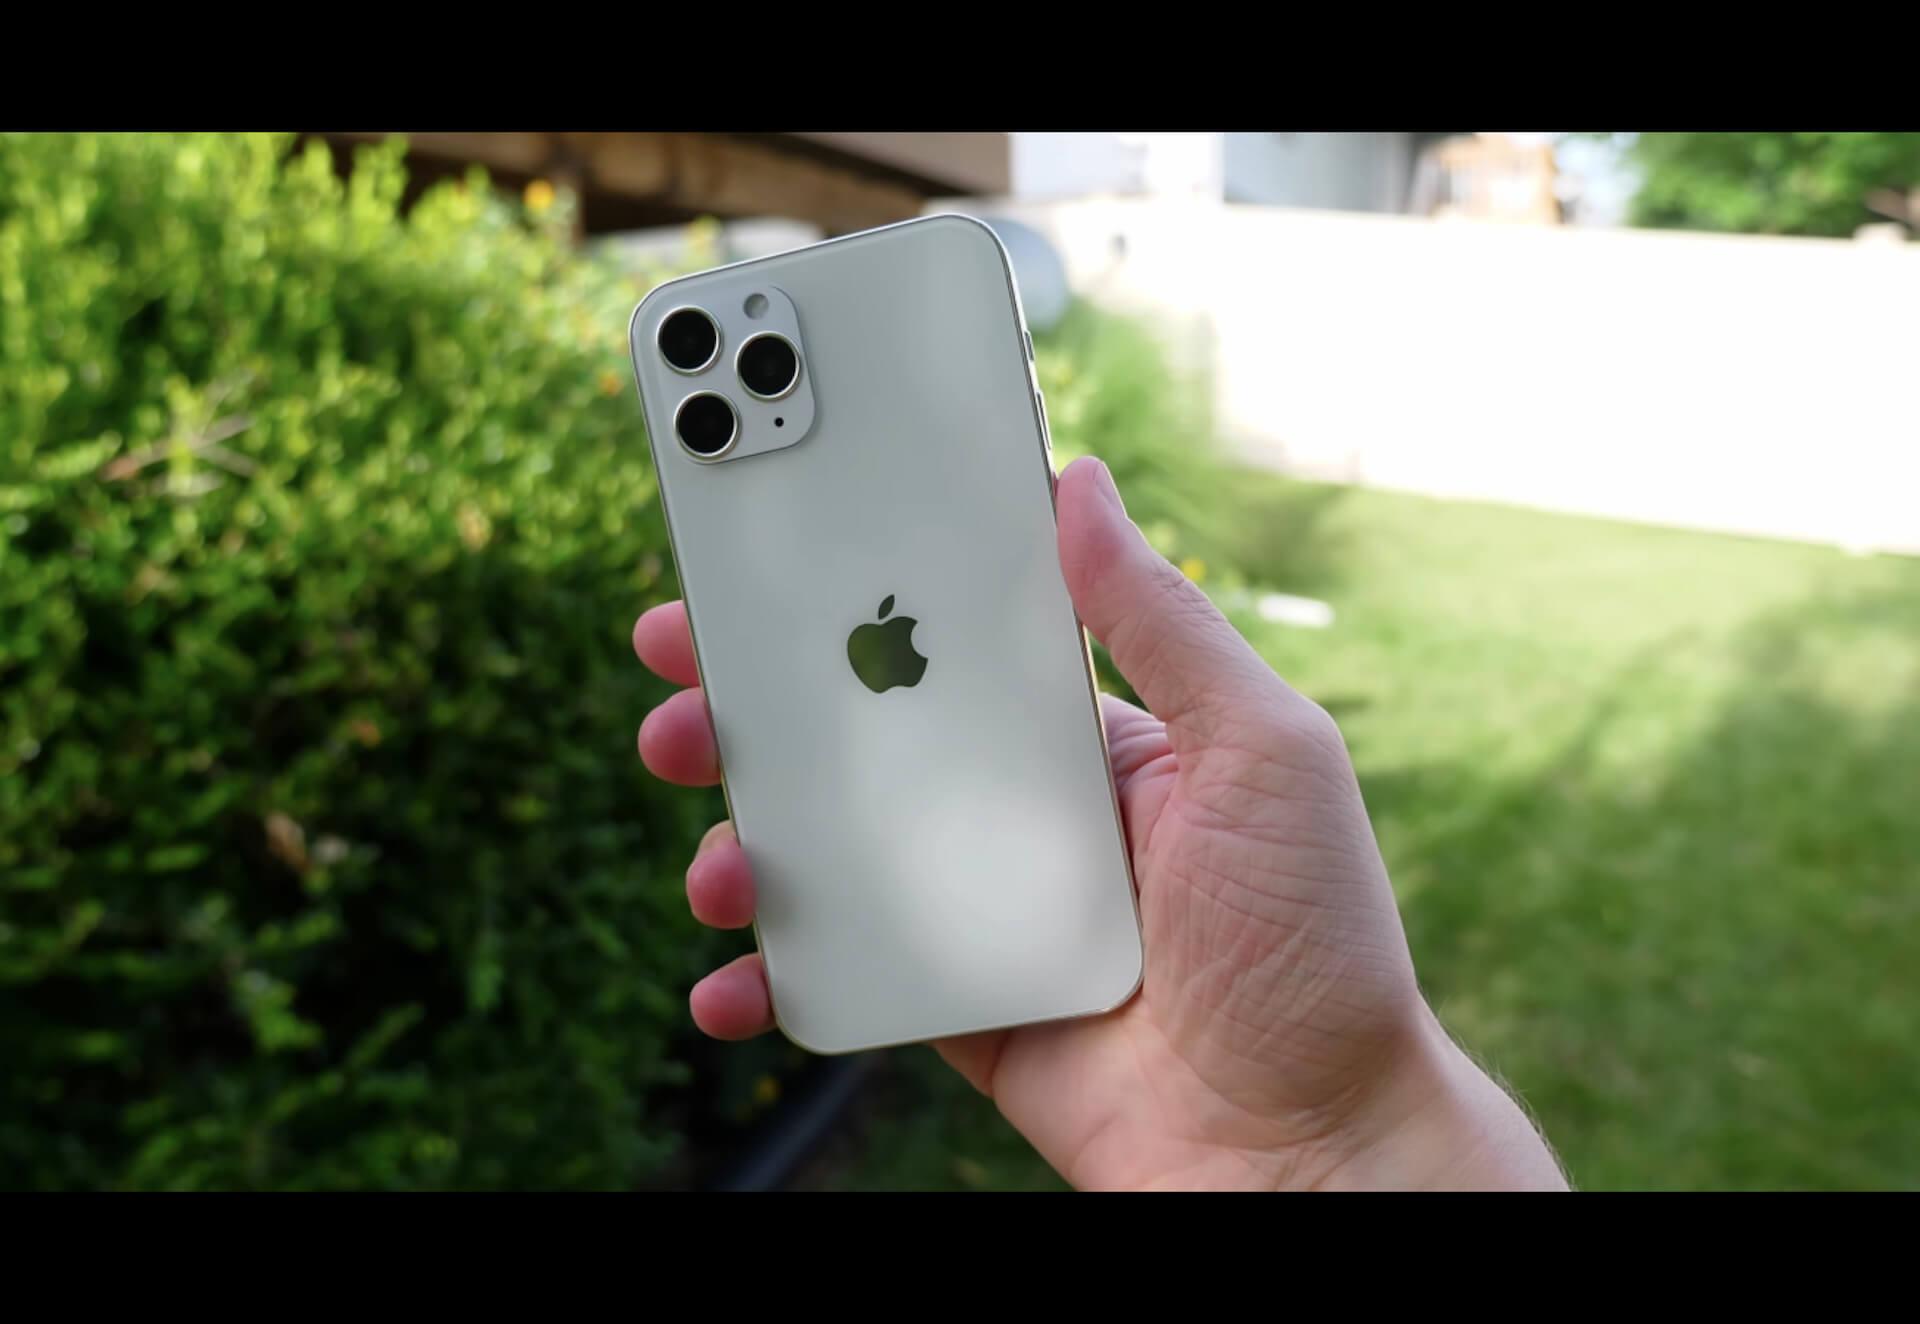 iPhone 12を手のひらに乗せるとこんな感じ?最新のモックアップ映像が公開 tech200630_iphone12_mockup_main